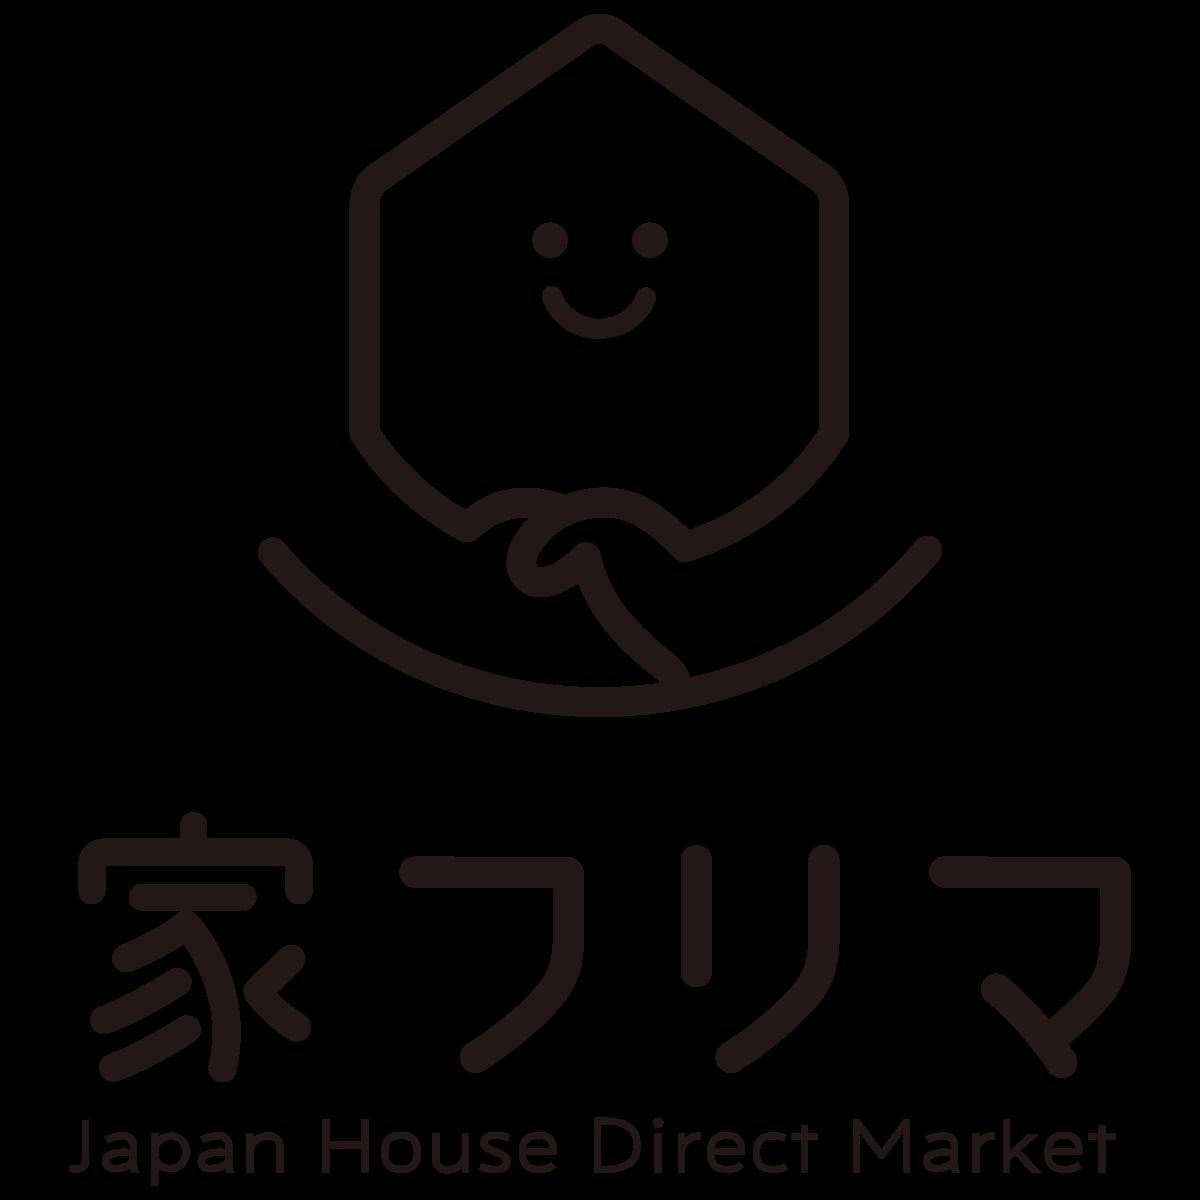 家フリマ縦型ロゴ2